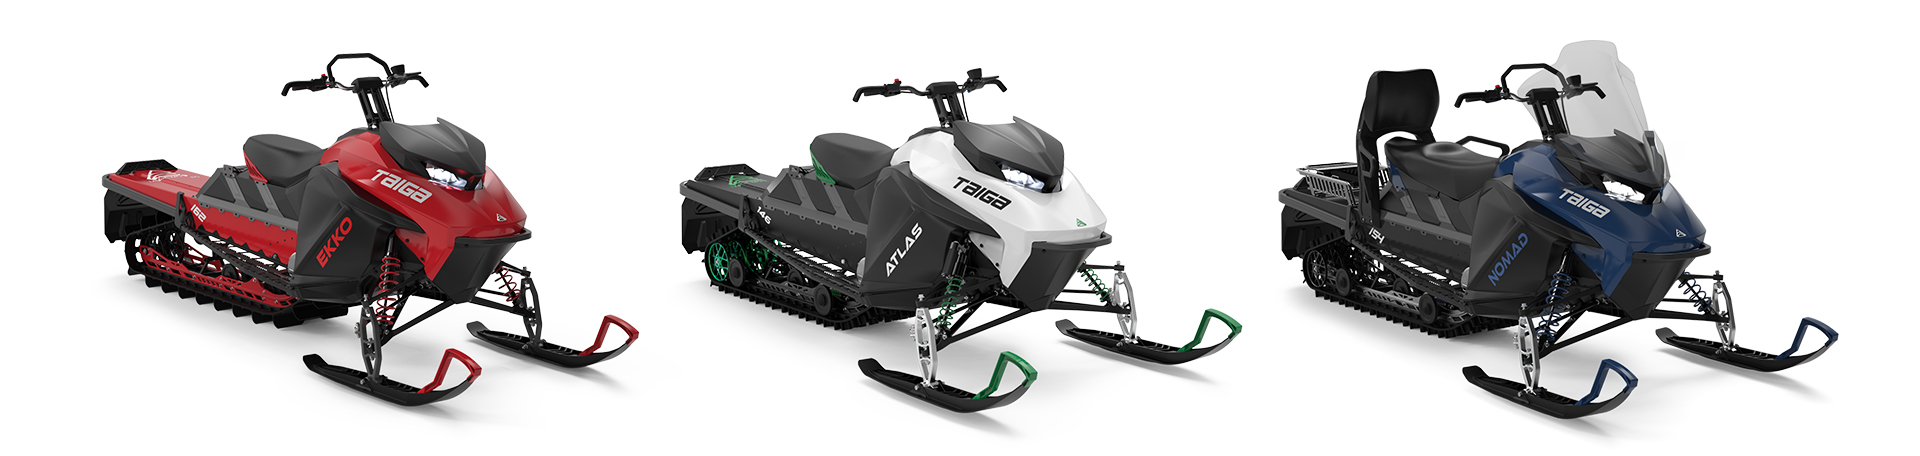 Taiga snowmobile models